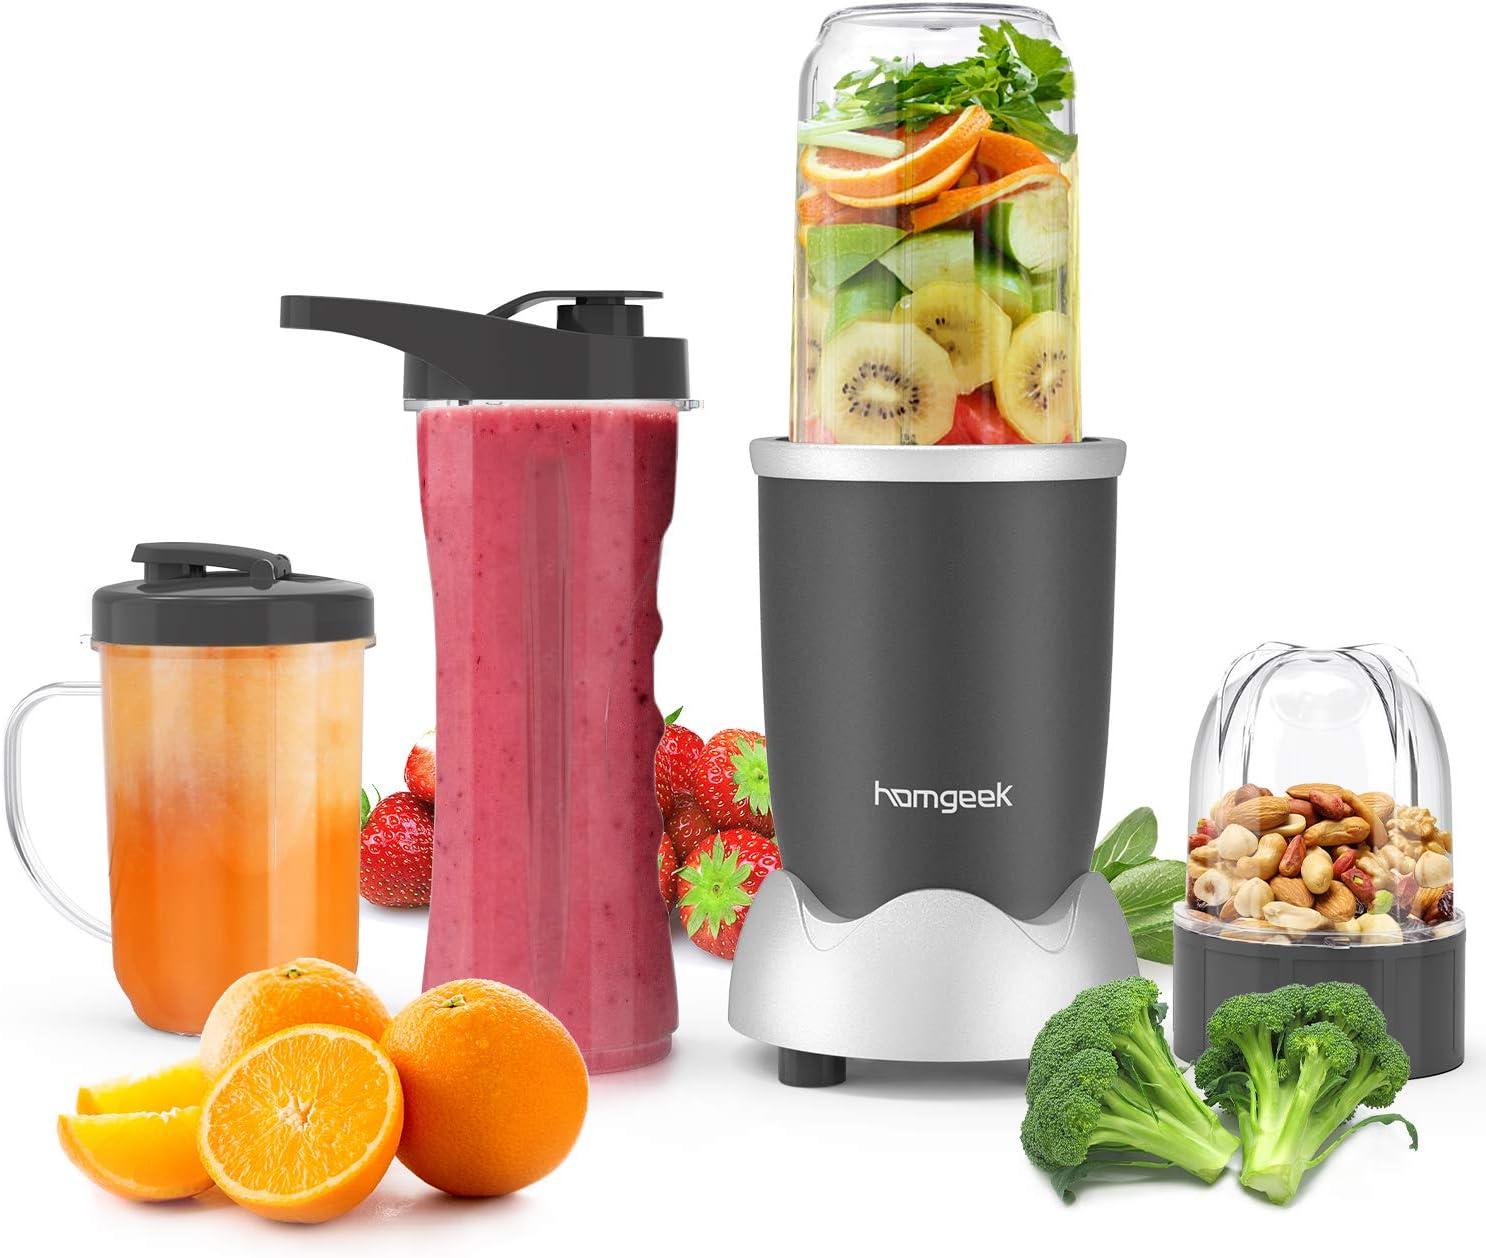 homgeek Batidora de Vaso, Licuadora Smoothies de Alta Velocidad con 500W, Licuadora Pequeña para Batidos de Frutas y Verduras, Fácil de Limpiar, Sin BPA